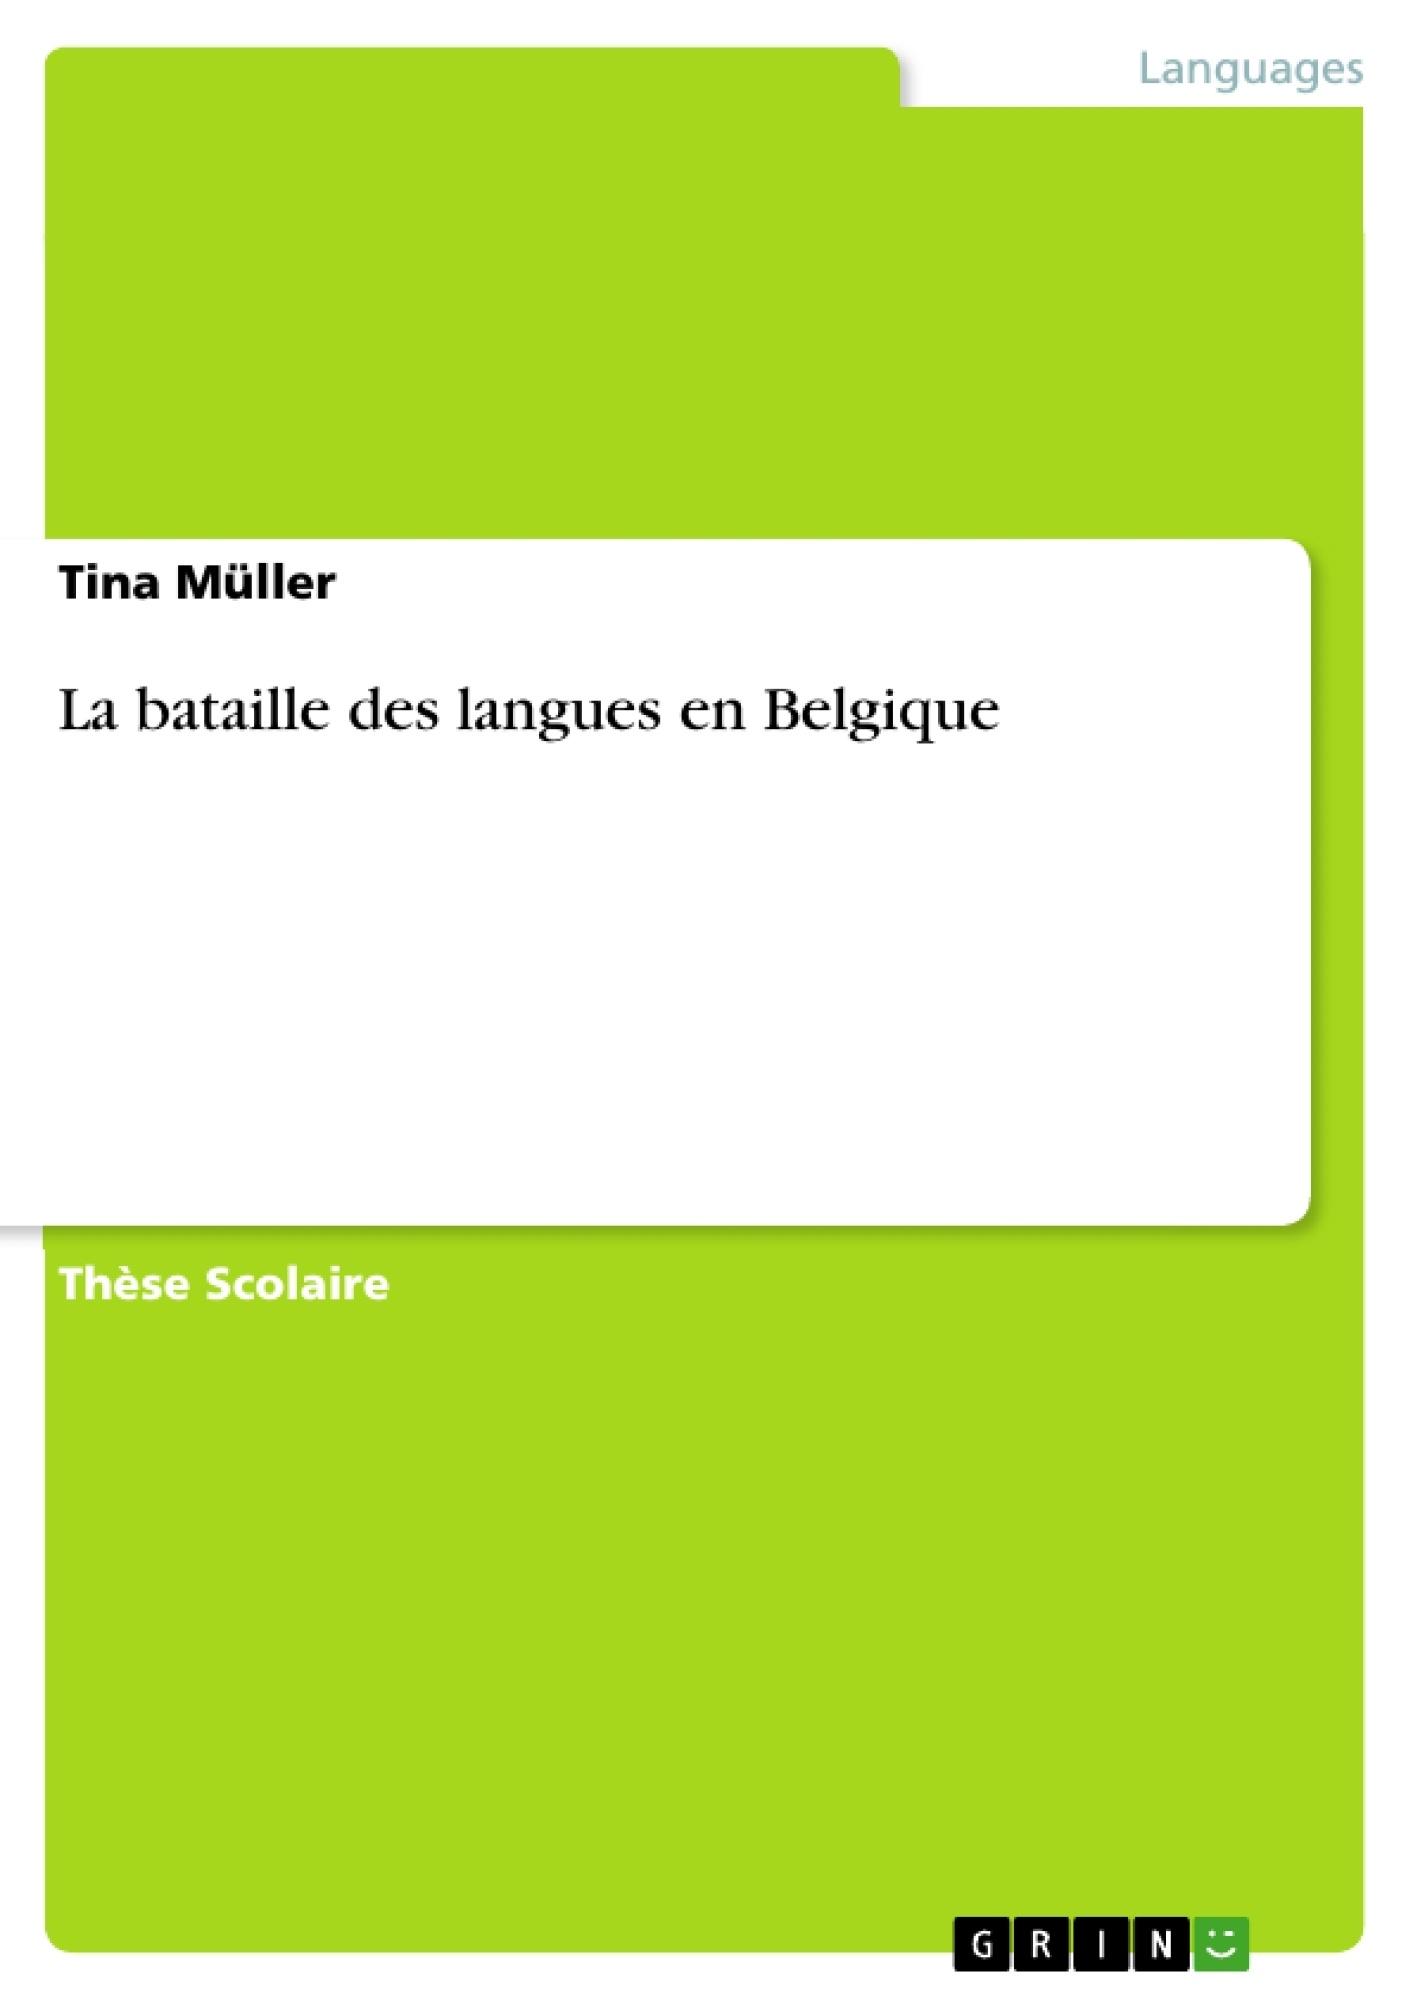 Titre: La bataille des langues en Belgique